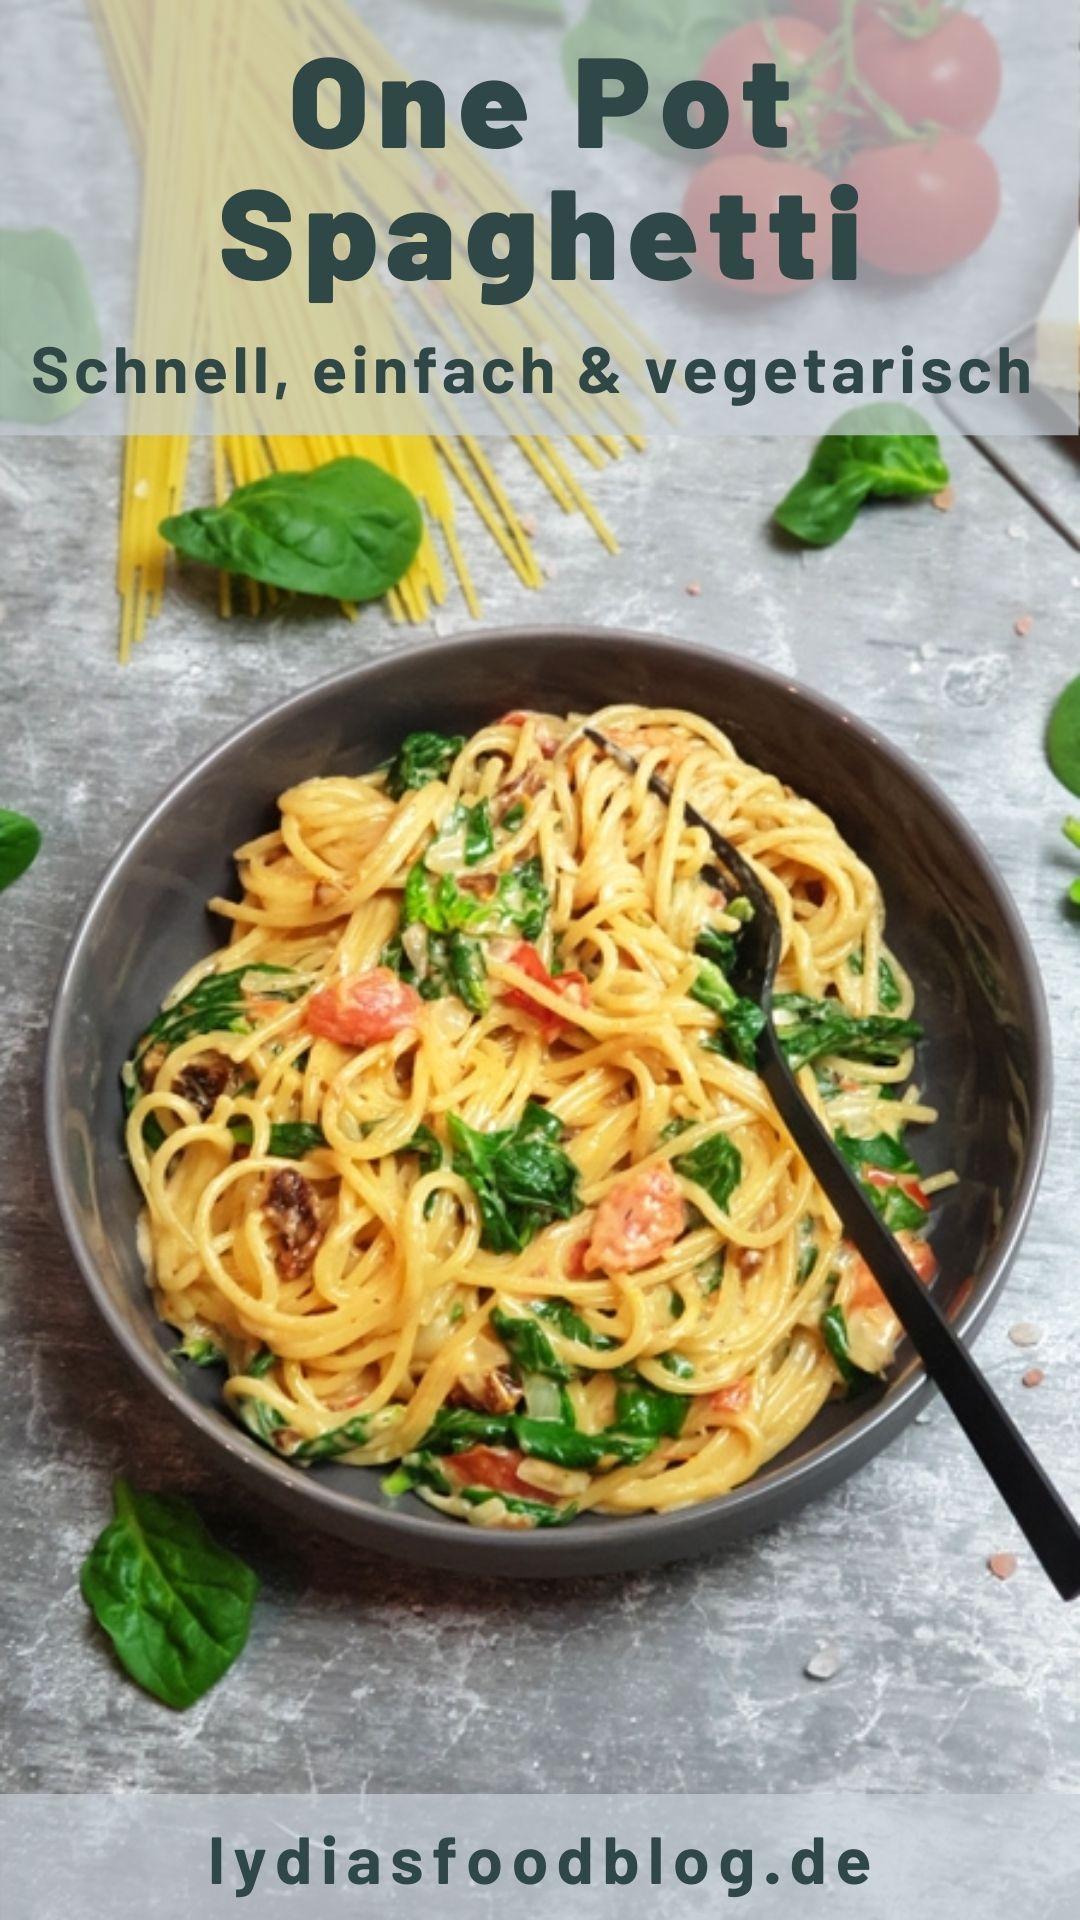 One Pot Pasta mit Spinat und Tomaten